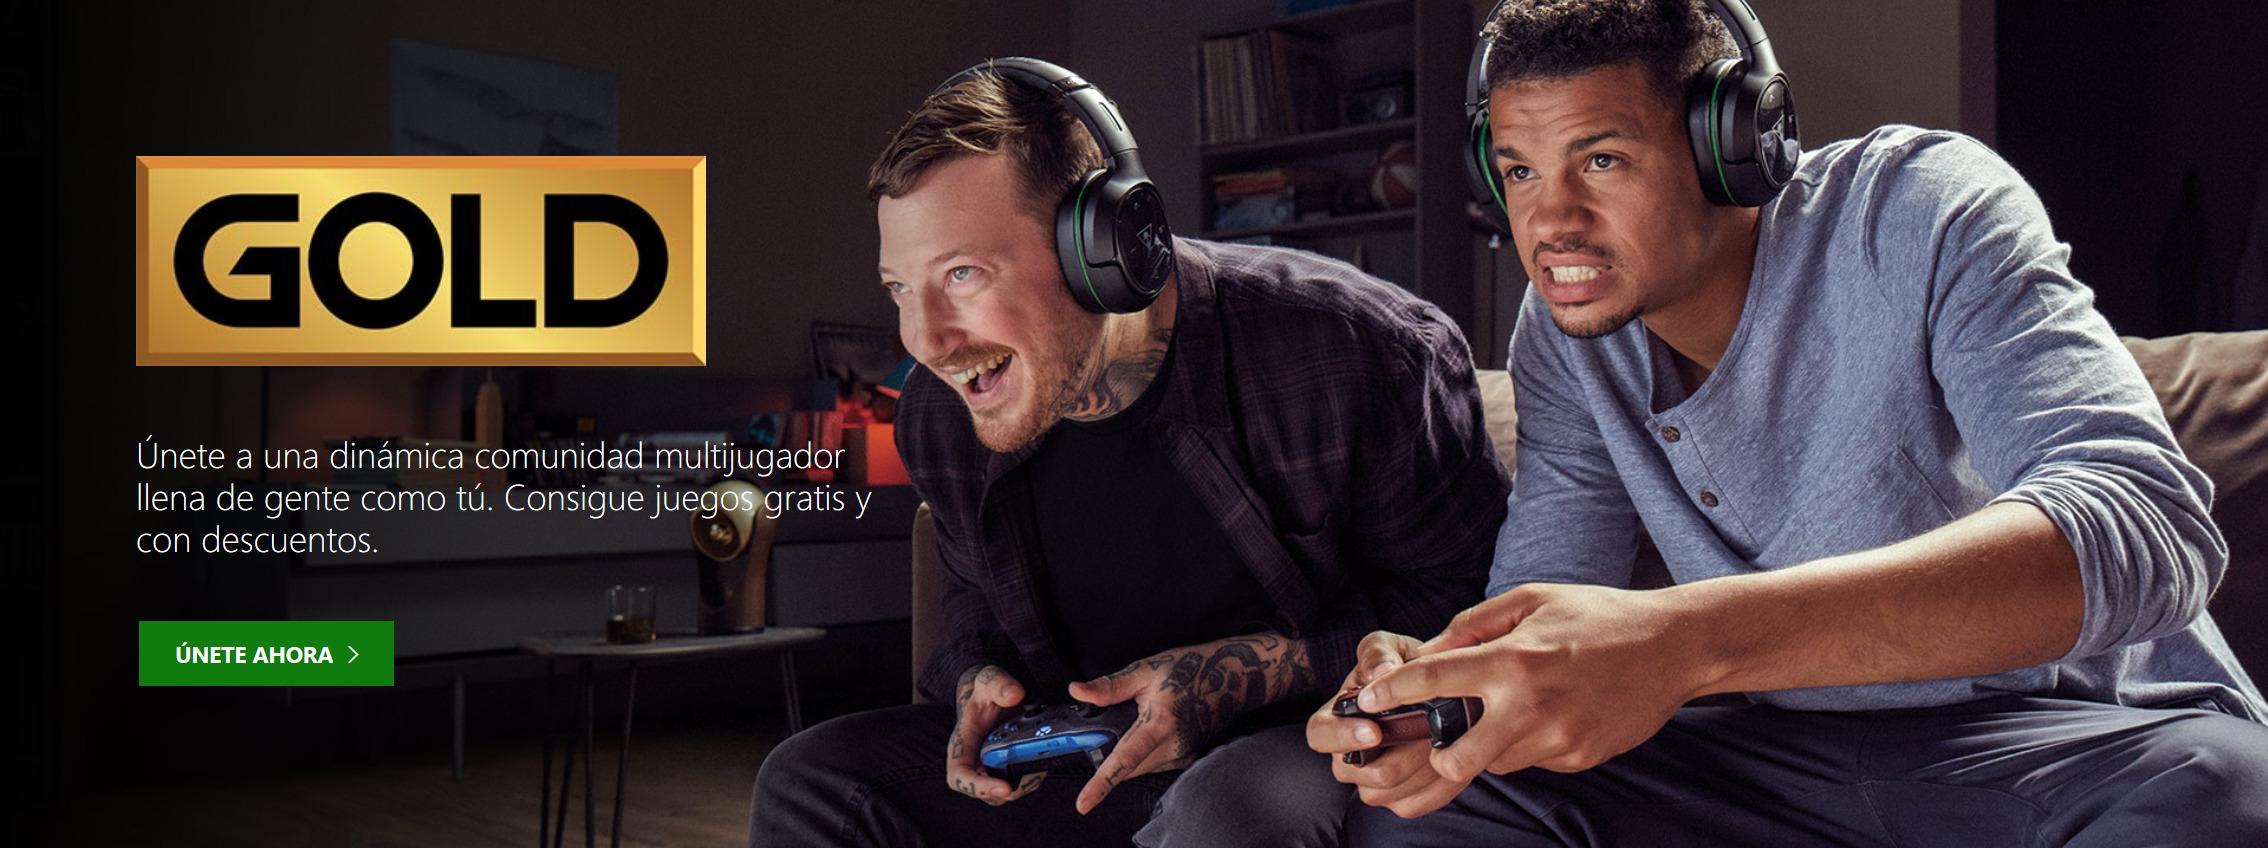 Xbox Suscripcion Xbox Live 1 Mes Por Tan Solo 1 Chollometro Com